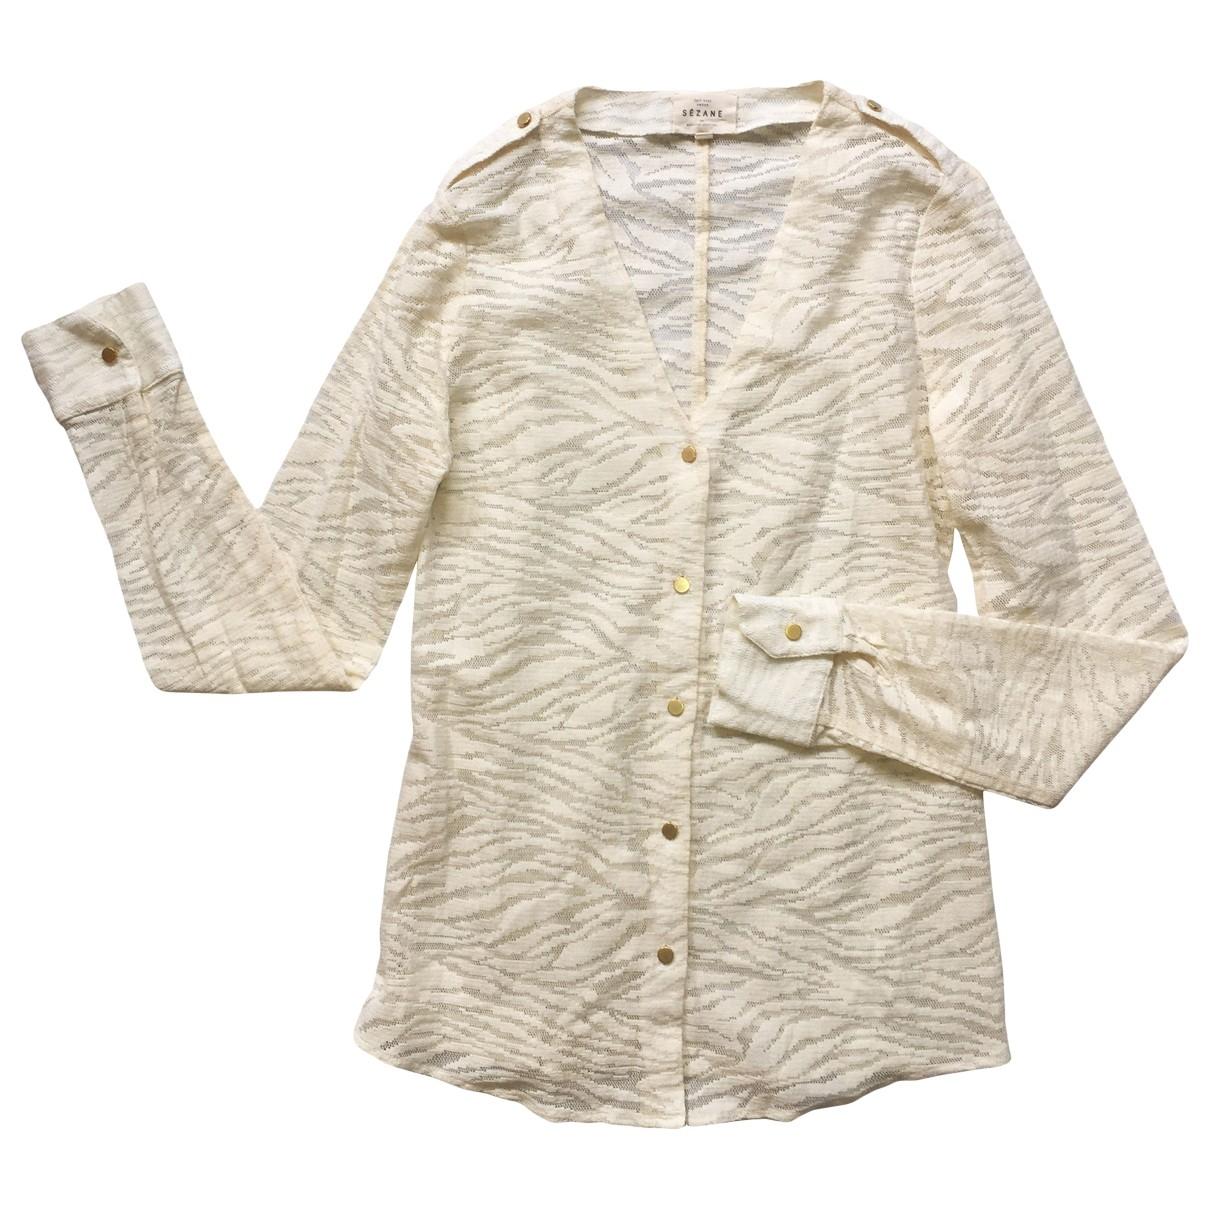 Sézane \N White Lace  top for Women 36 FR